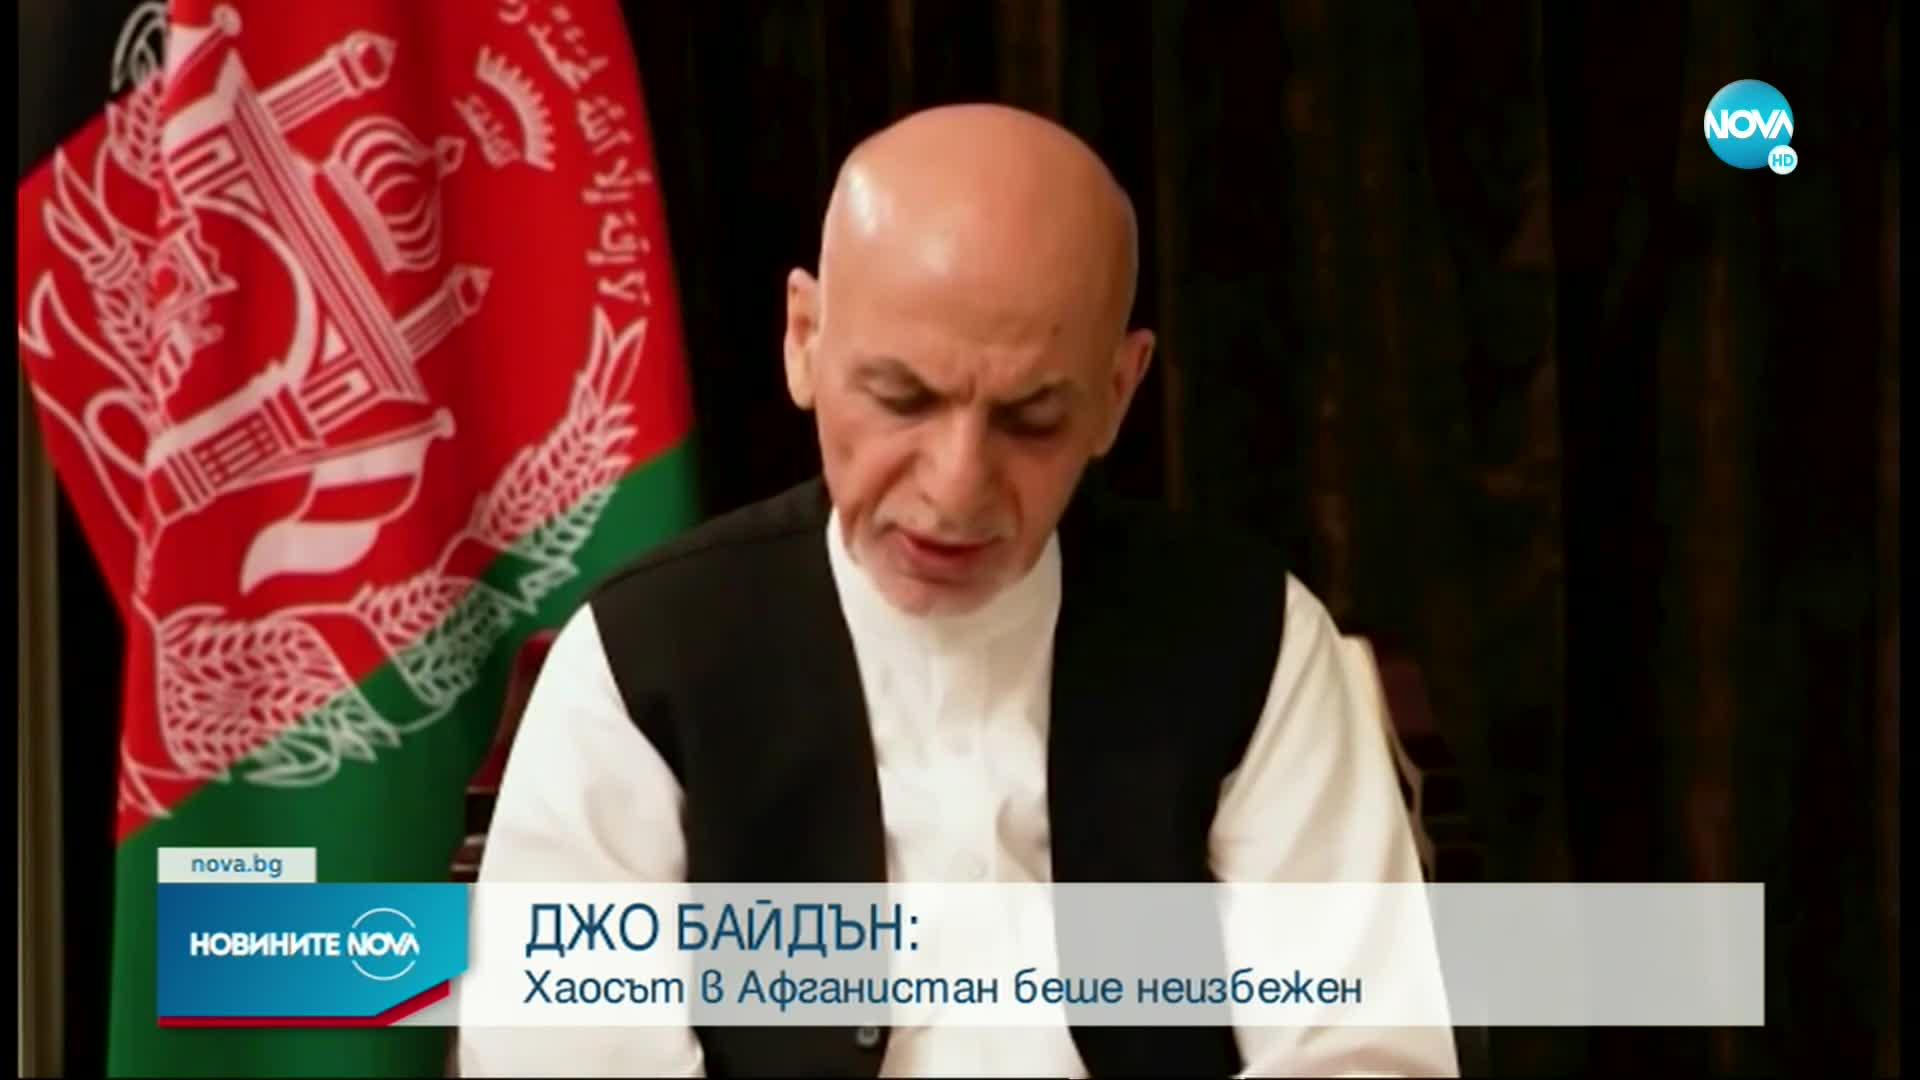 Джо Байдън: Хаосът в Афганистан беше неизбежен